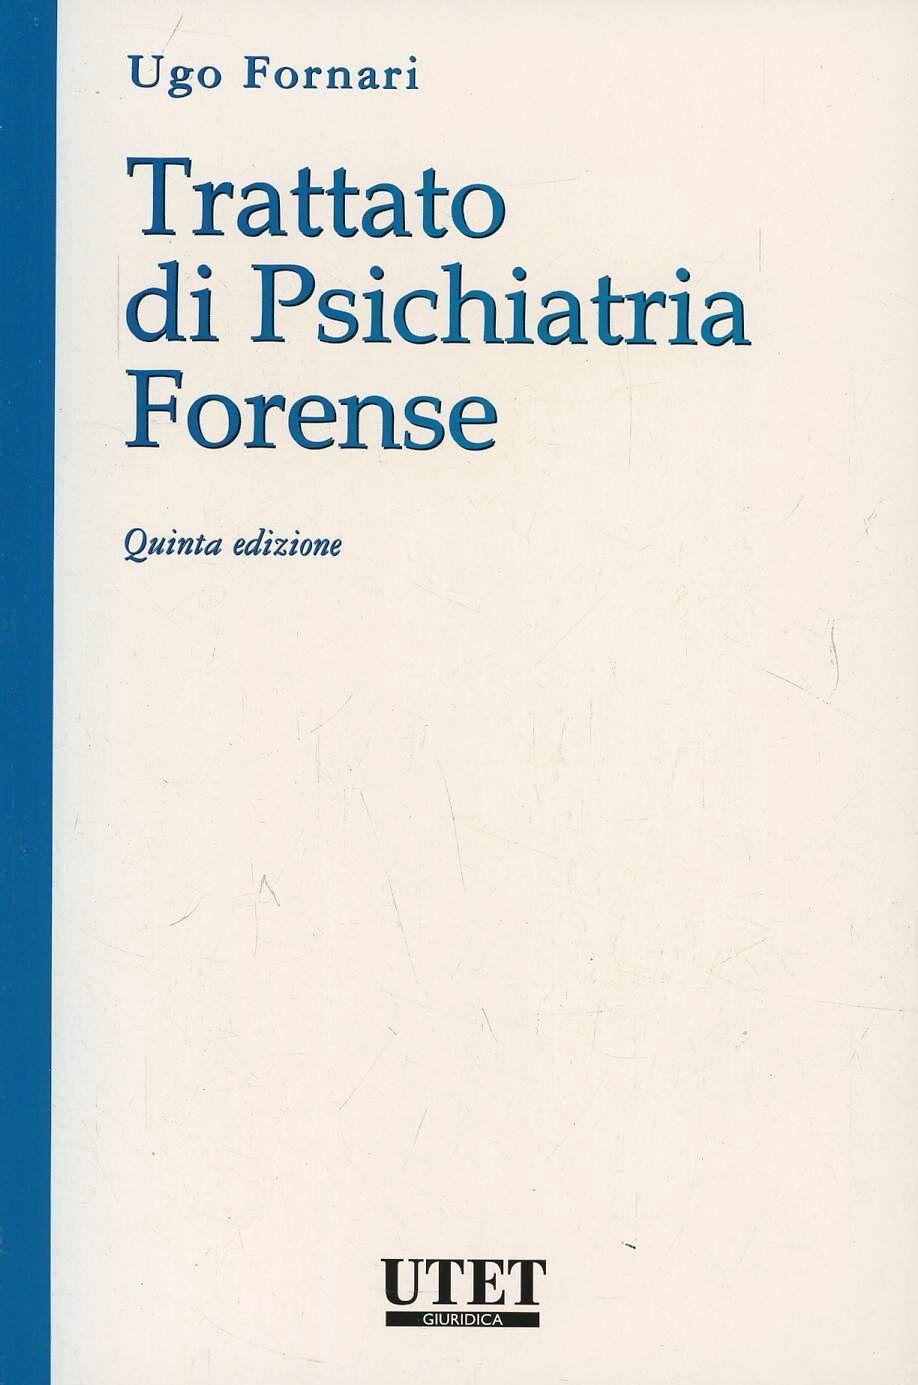 Trattato di psichiatria forense